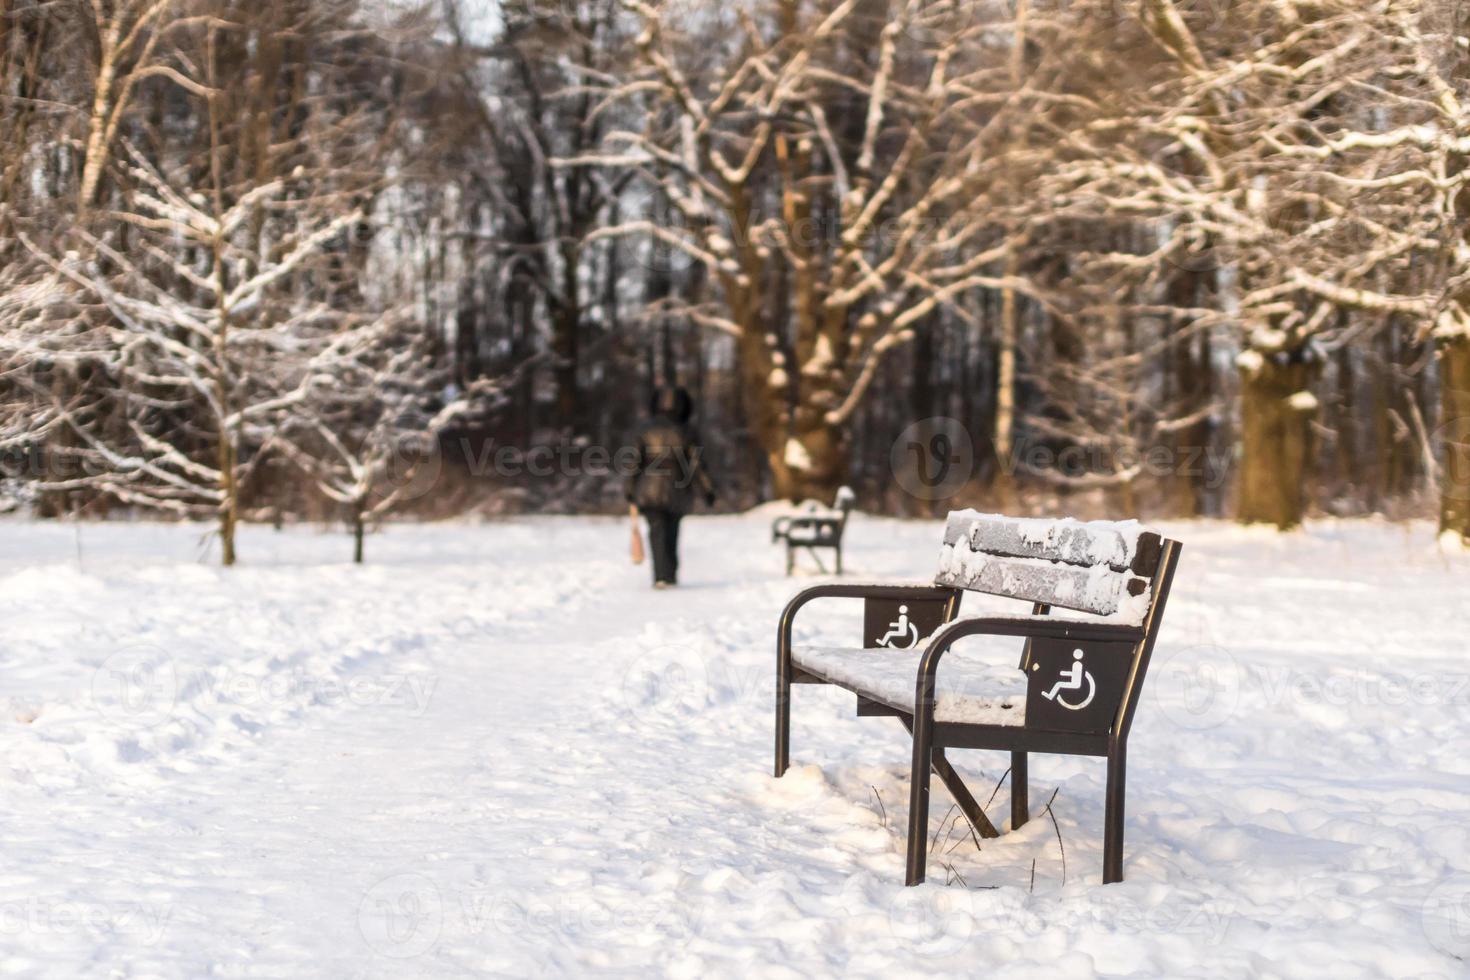 passarela com bancos em winter park. foto